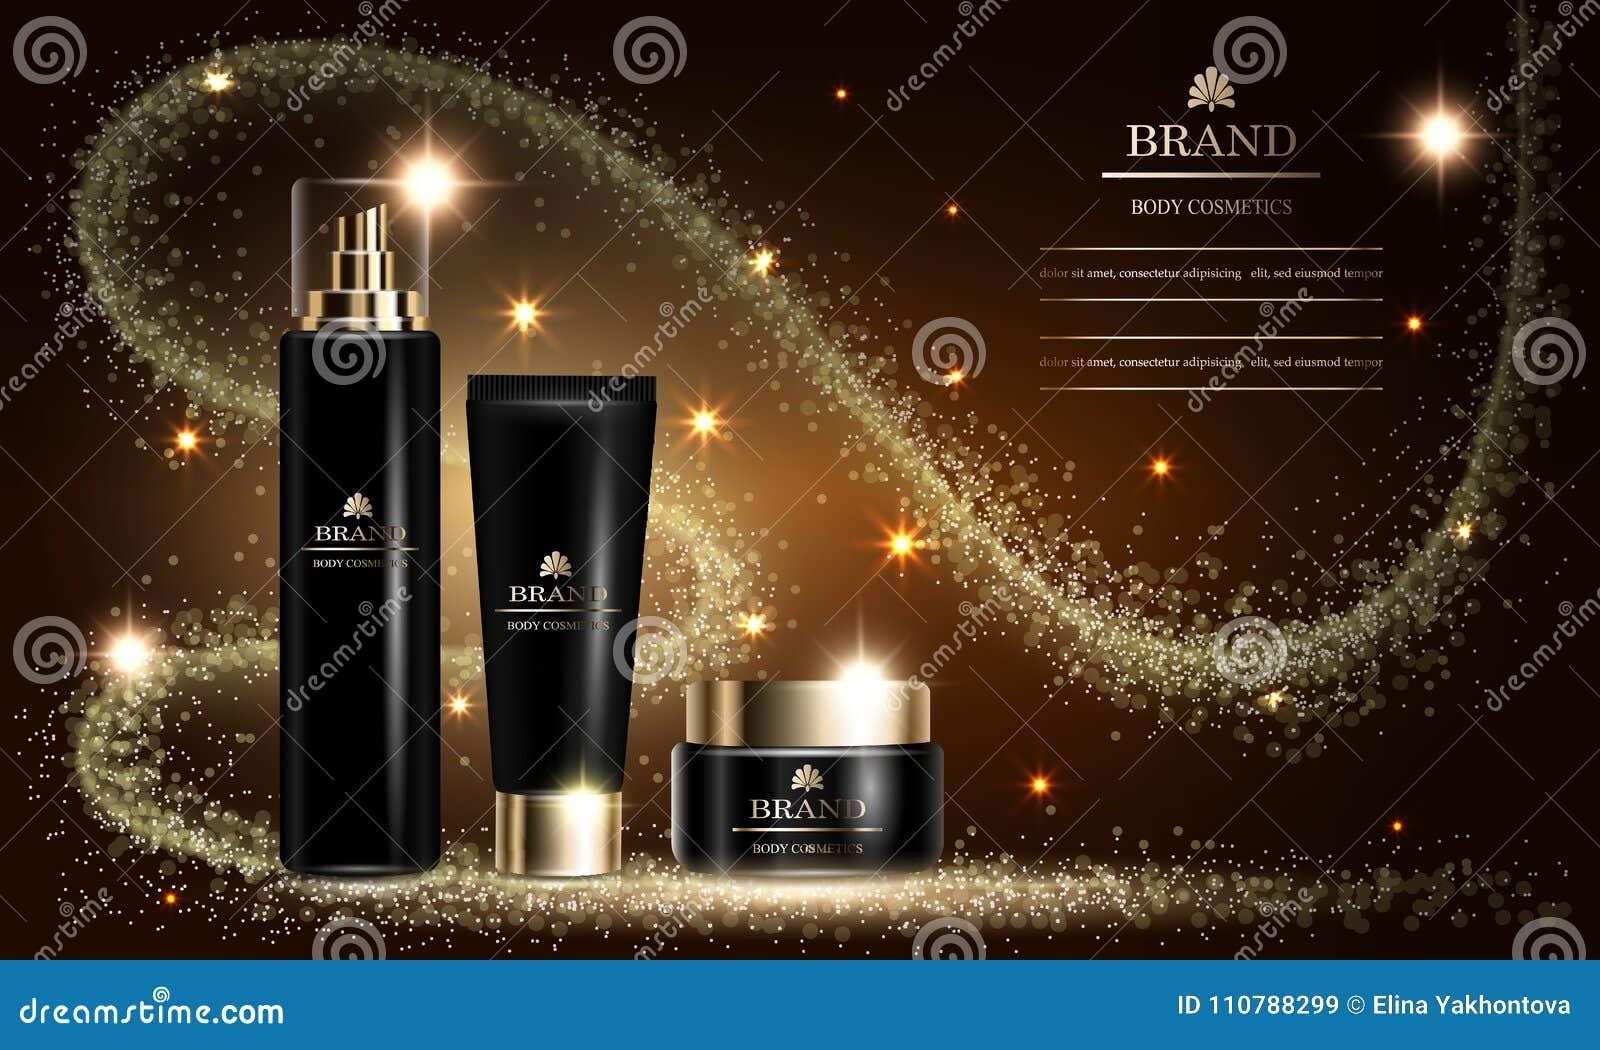 De reeksen van de schoonheidsmiddelenschoonheid, model, advertenties voor de room van de premienevel voor huid geven Vector illus